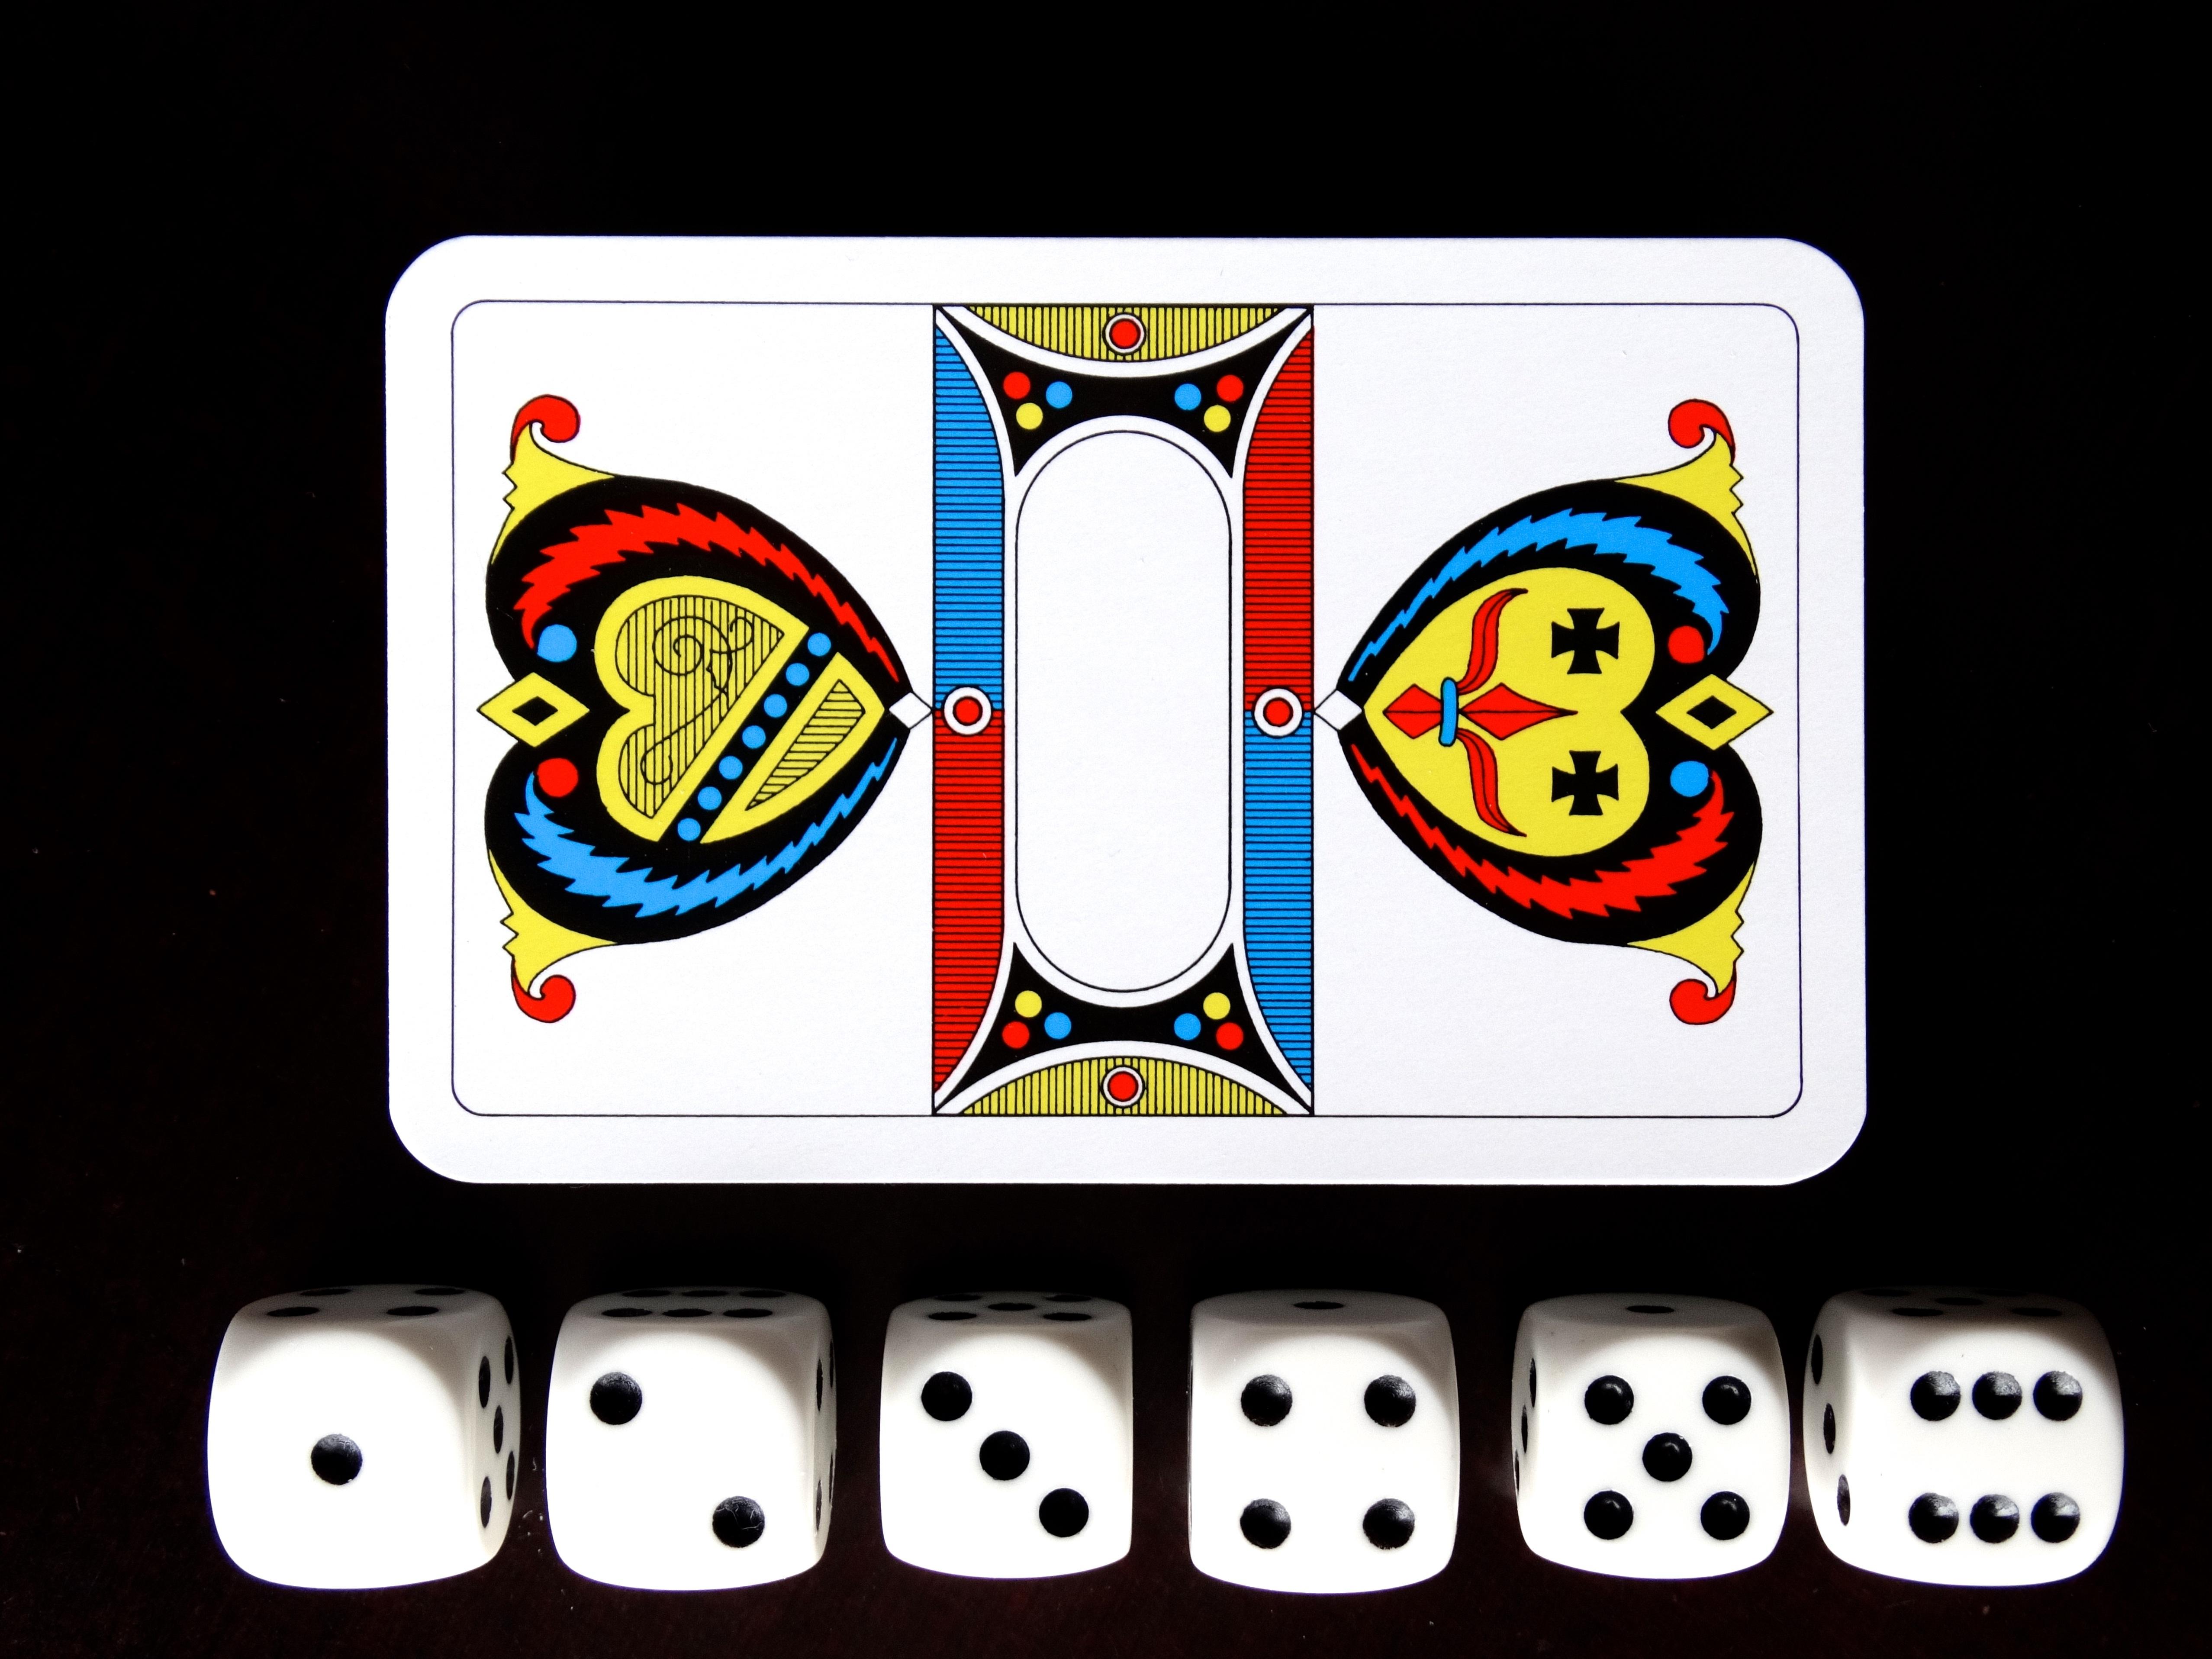 настольные карточные игры скачать бесплатно